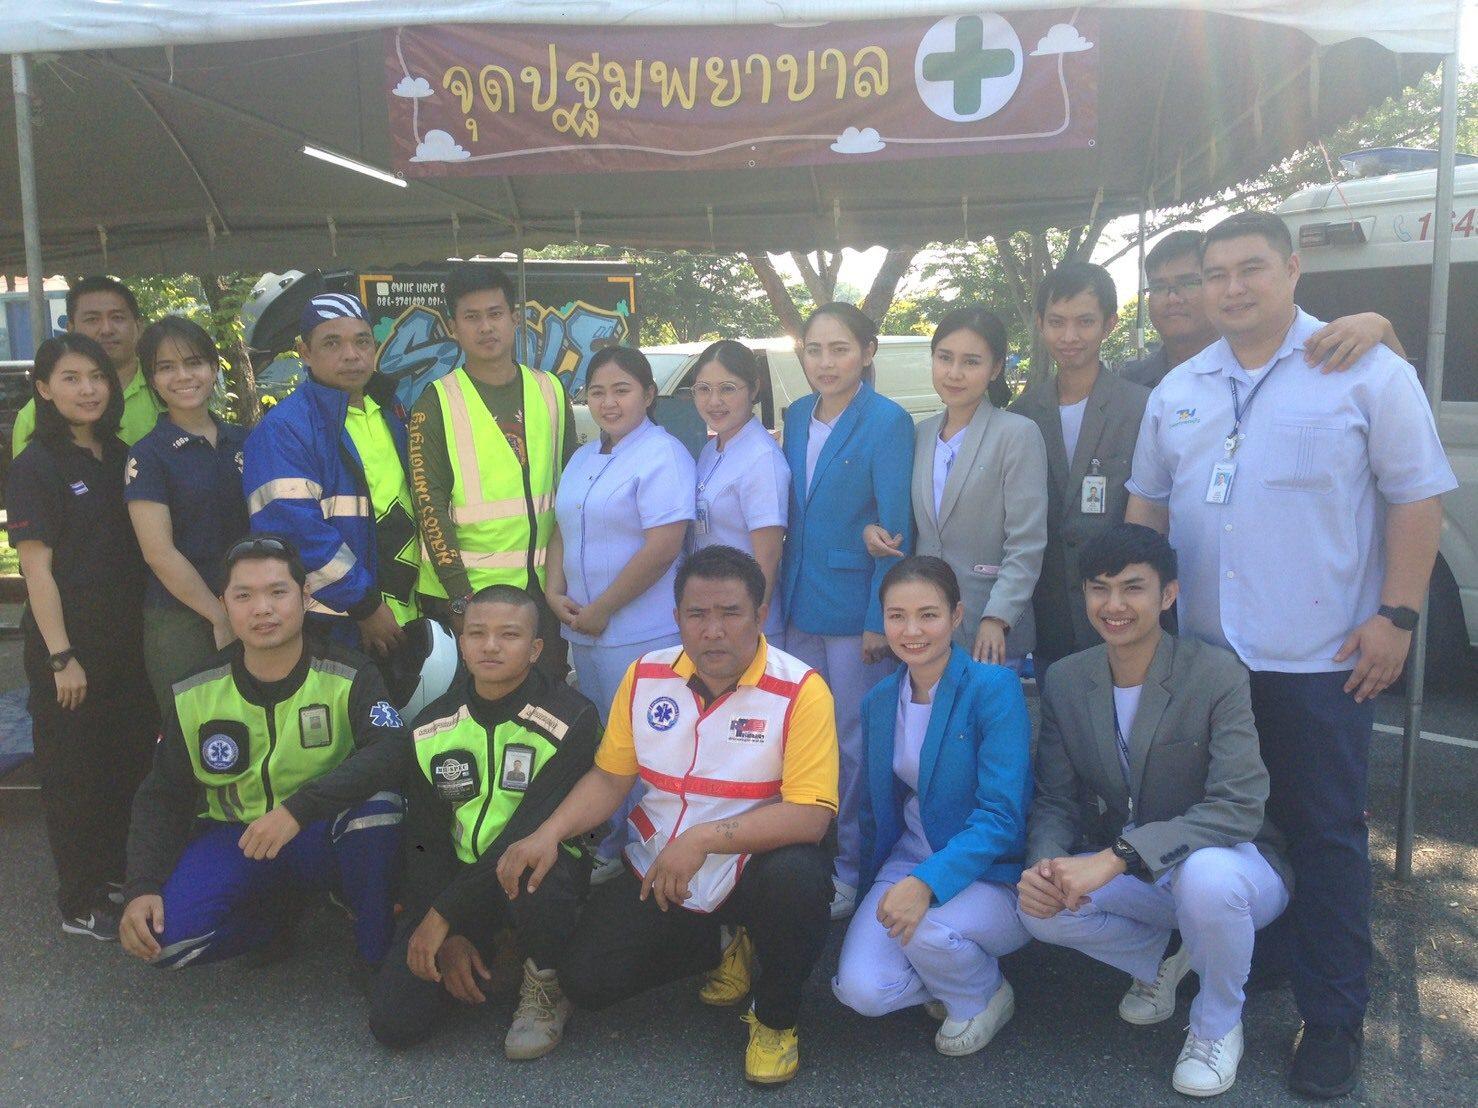 โรงพยาบาลธนบุรี2 สนับสนุนหน่วยปฐมพยาบาล  กิจกรรม Run For Plearn 2019